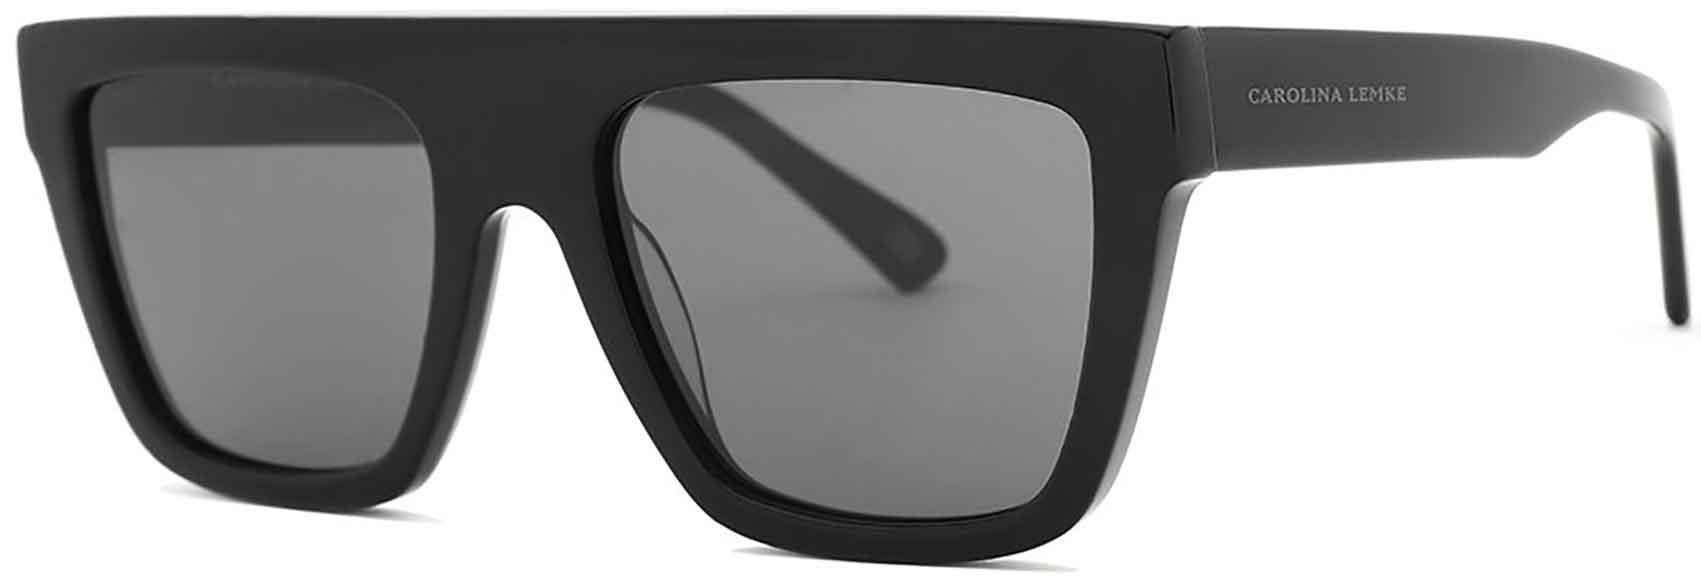 משקפי שמש-קרולינה-למקה-מגזין-טרנדים